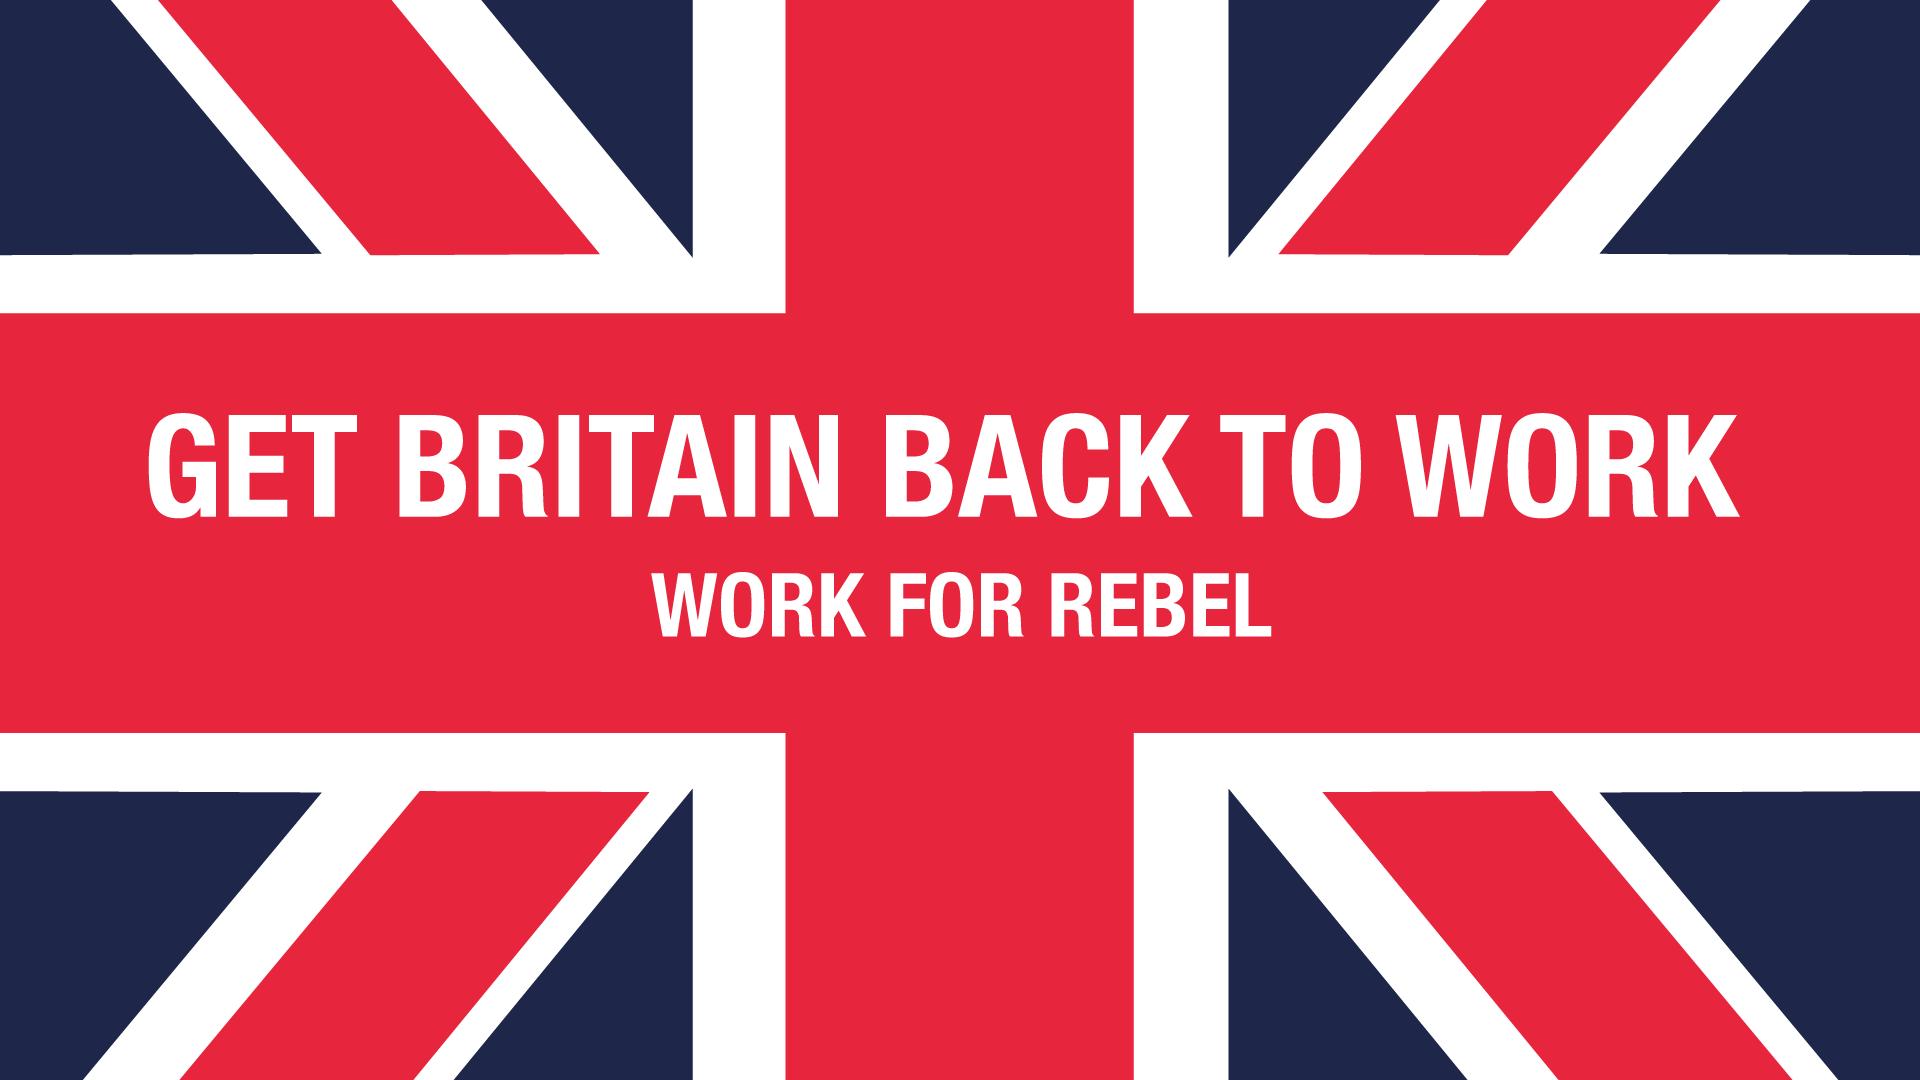 Apply for a job at Rebel Enterprise